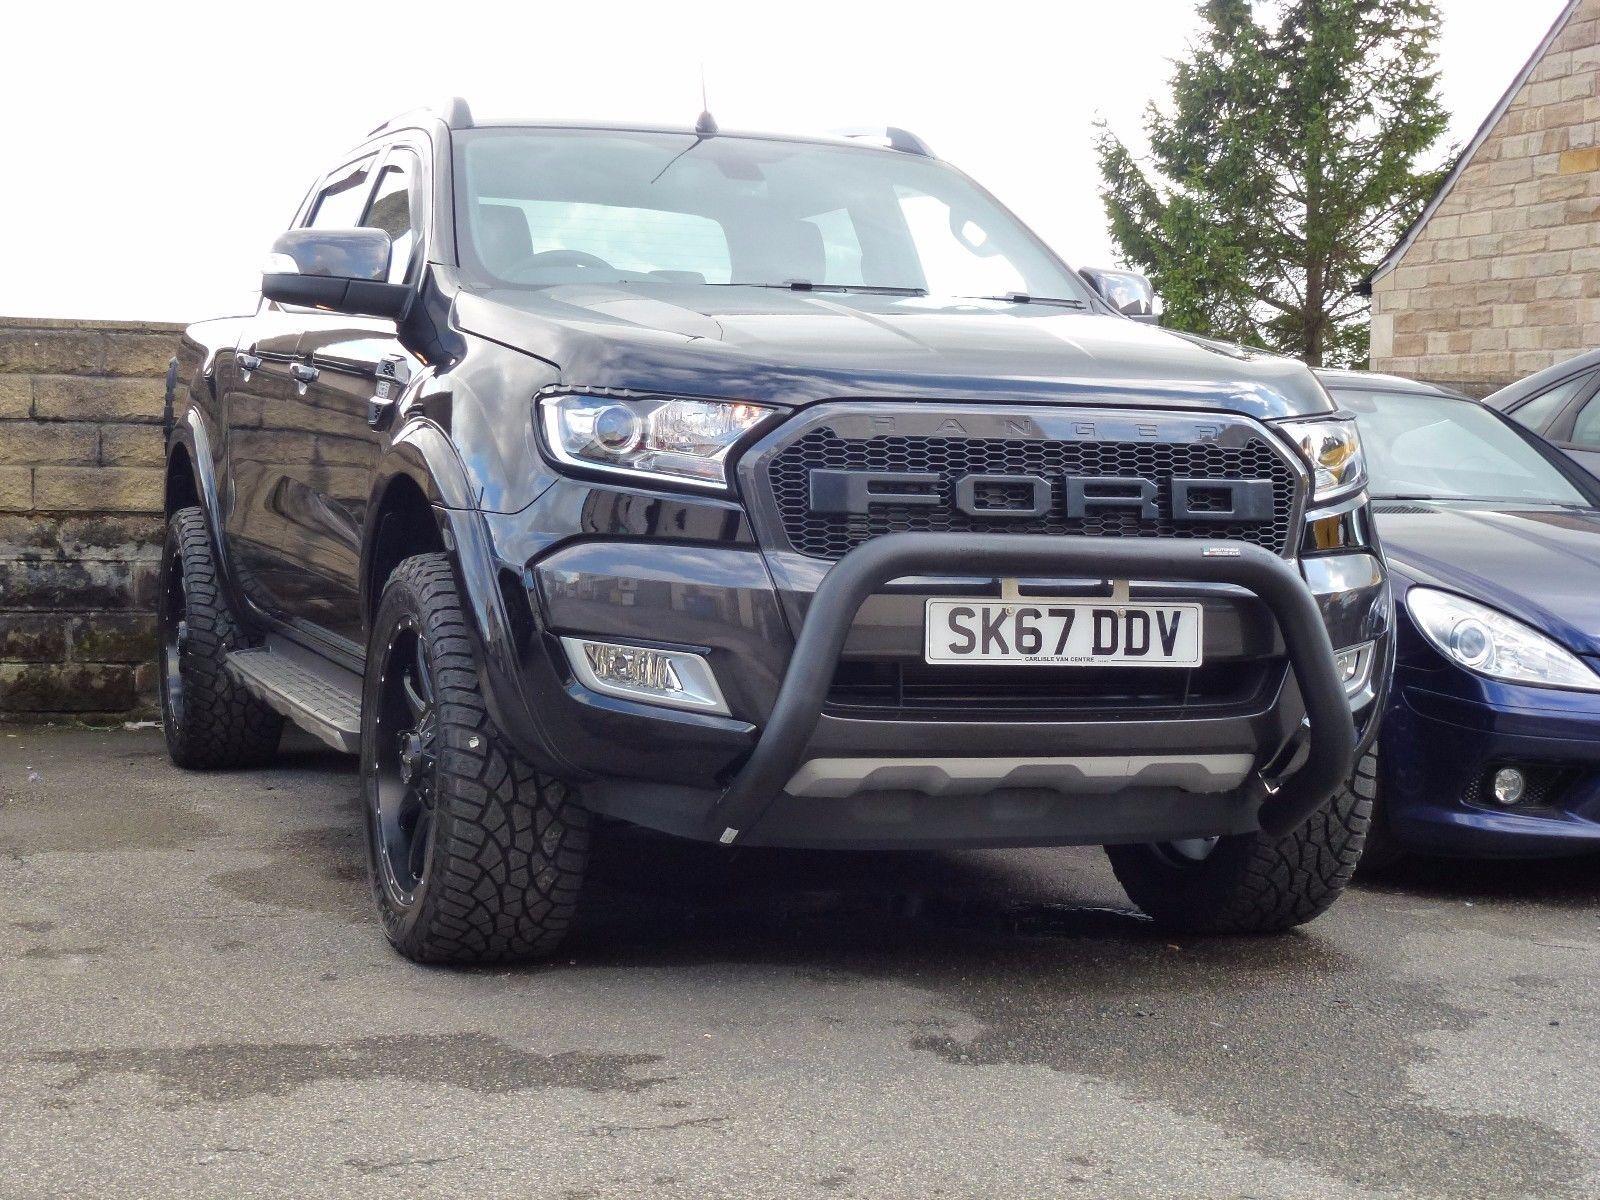 Ford Ranger Full Raptor Style Kit Wheels Tyres Body Kit Etc Car